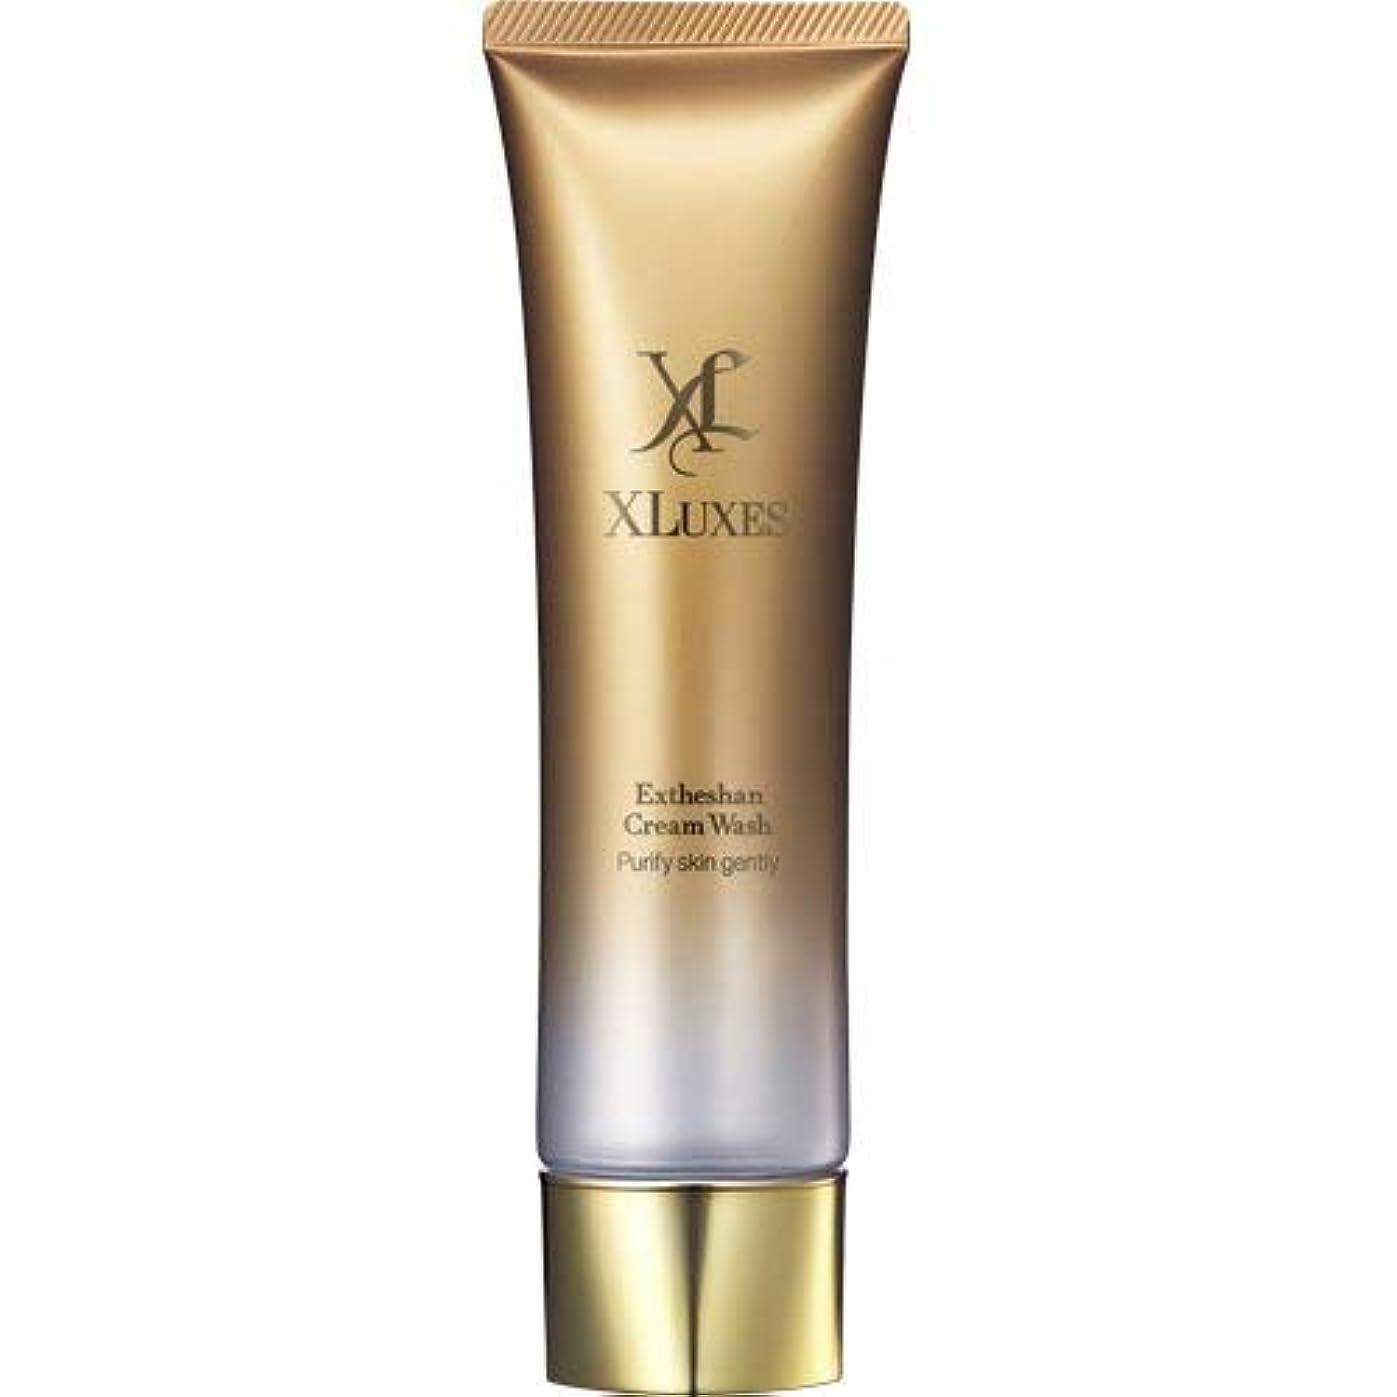 ワゴンフルーツ精度XLUXES スキンケア洗顔料 ヒト幹細胞培養液配合 エグゼティシャン クリームウォッシュ